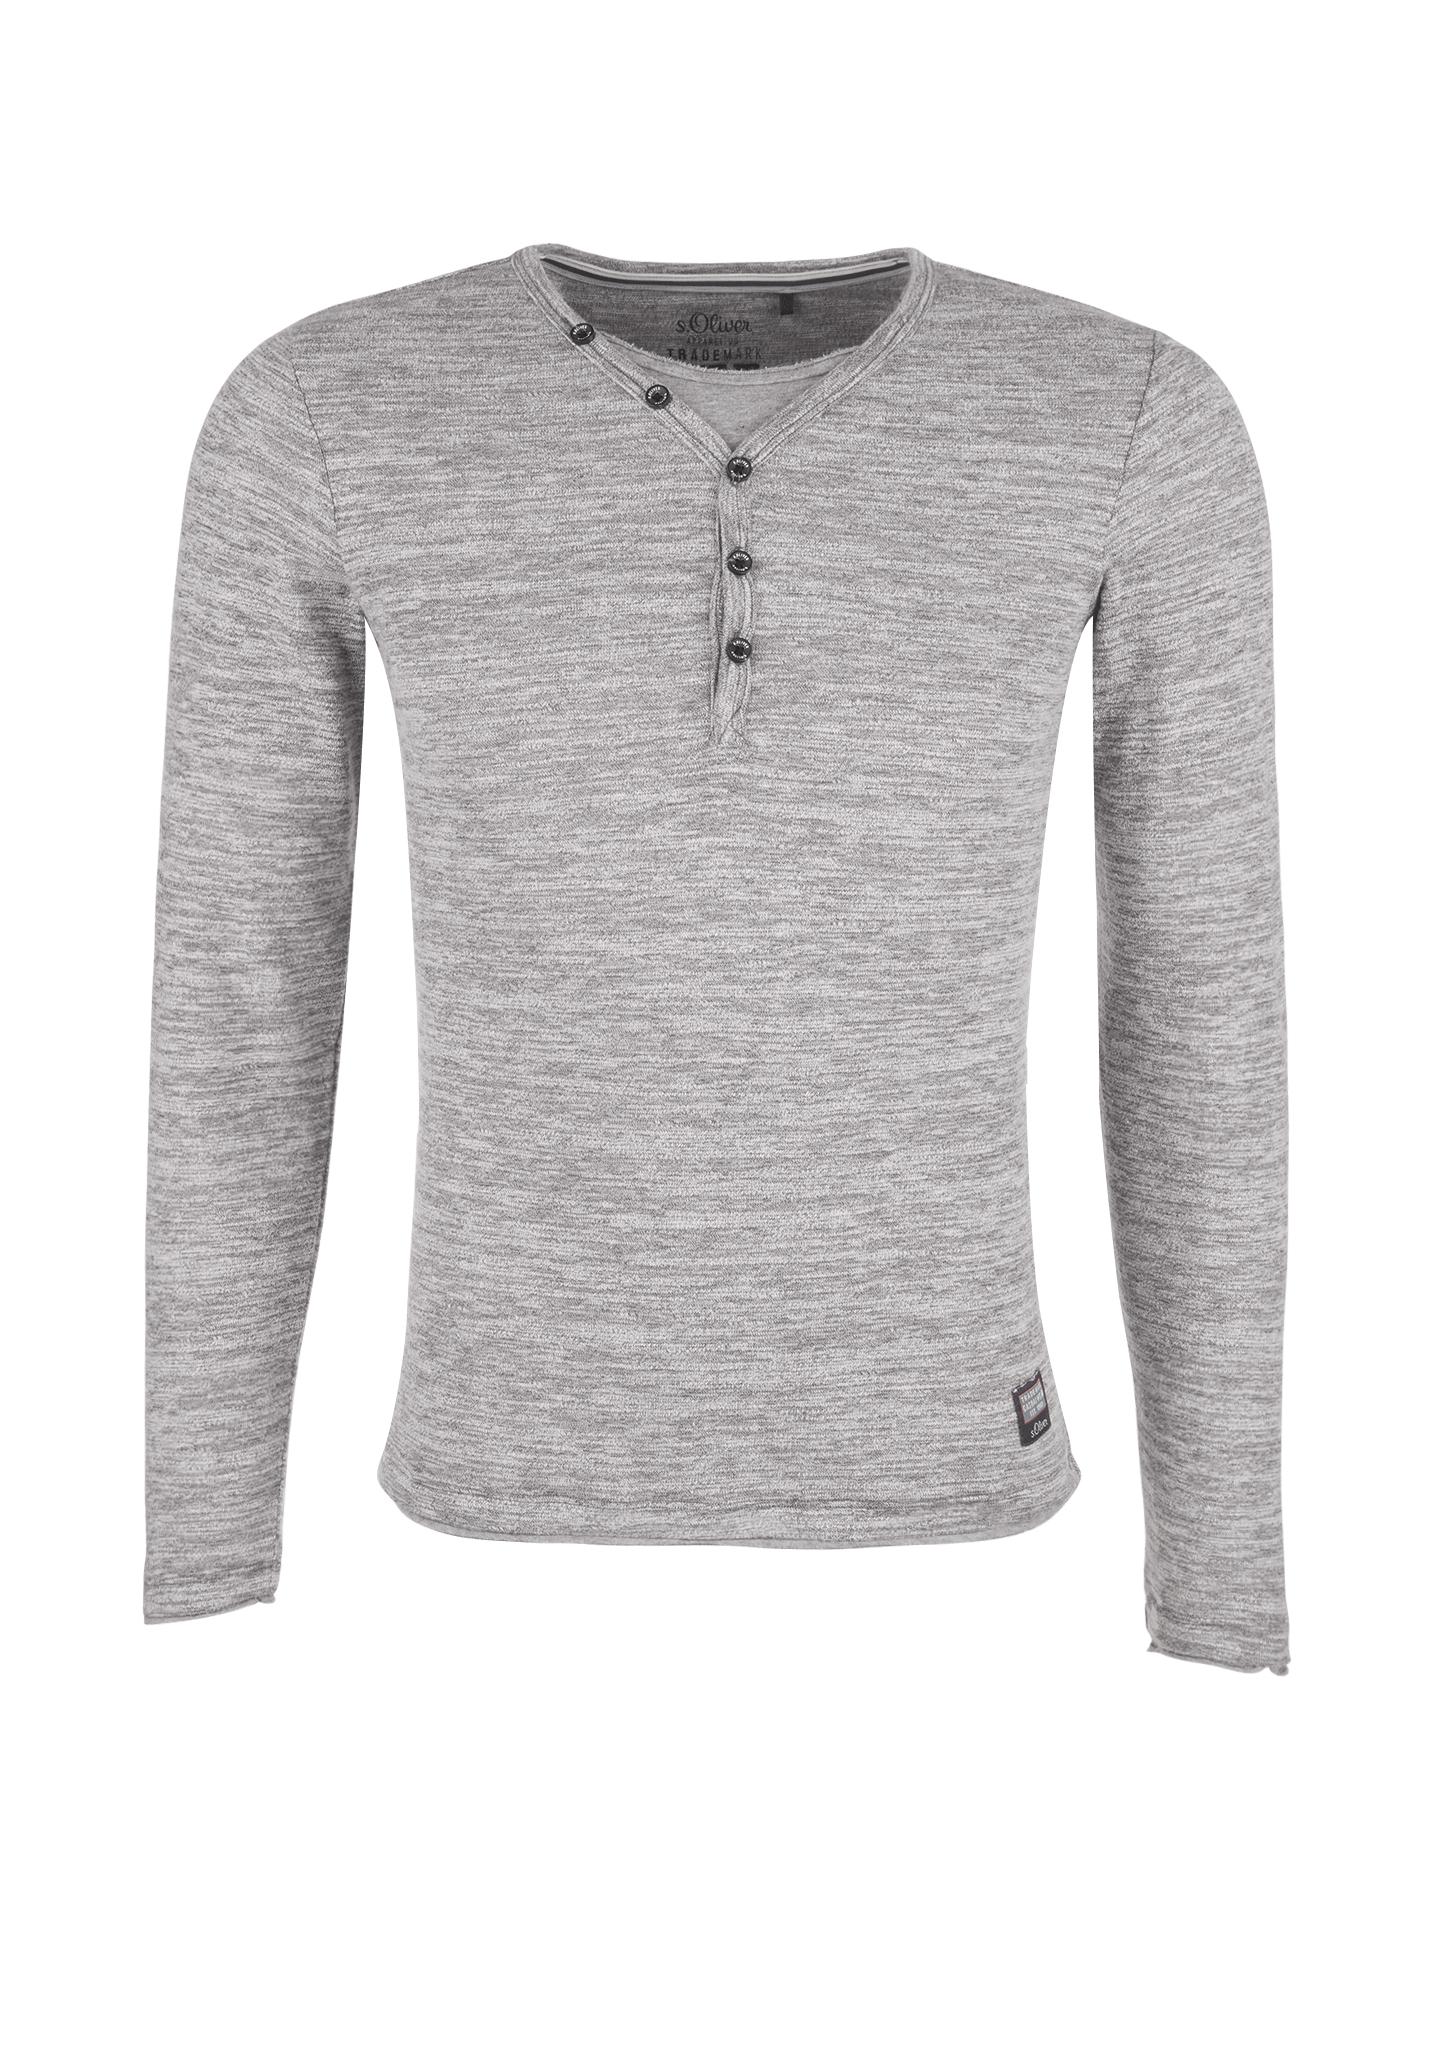 Langarmshirt   Bekleidung > Shirts > Langarm Shirts   Grau/schwarz   52% baumwolle -  42% polyester -  6% viskose   s.Oliver